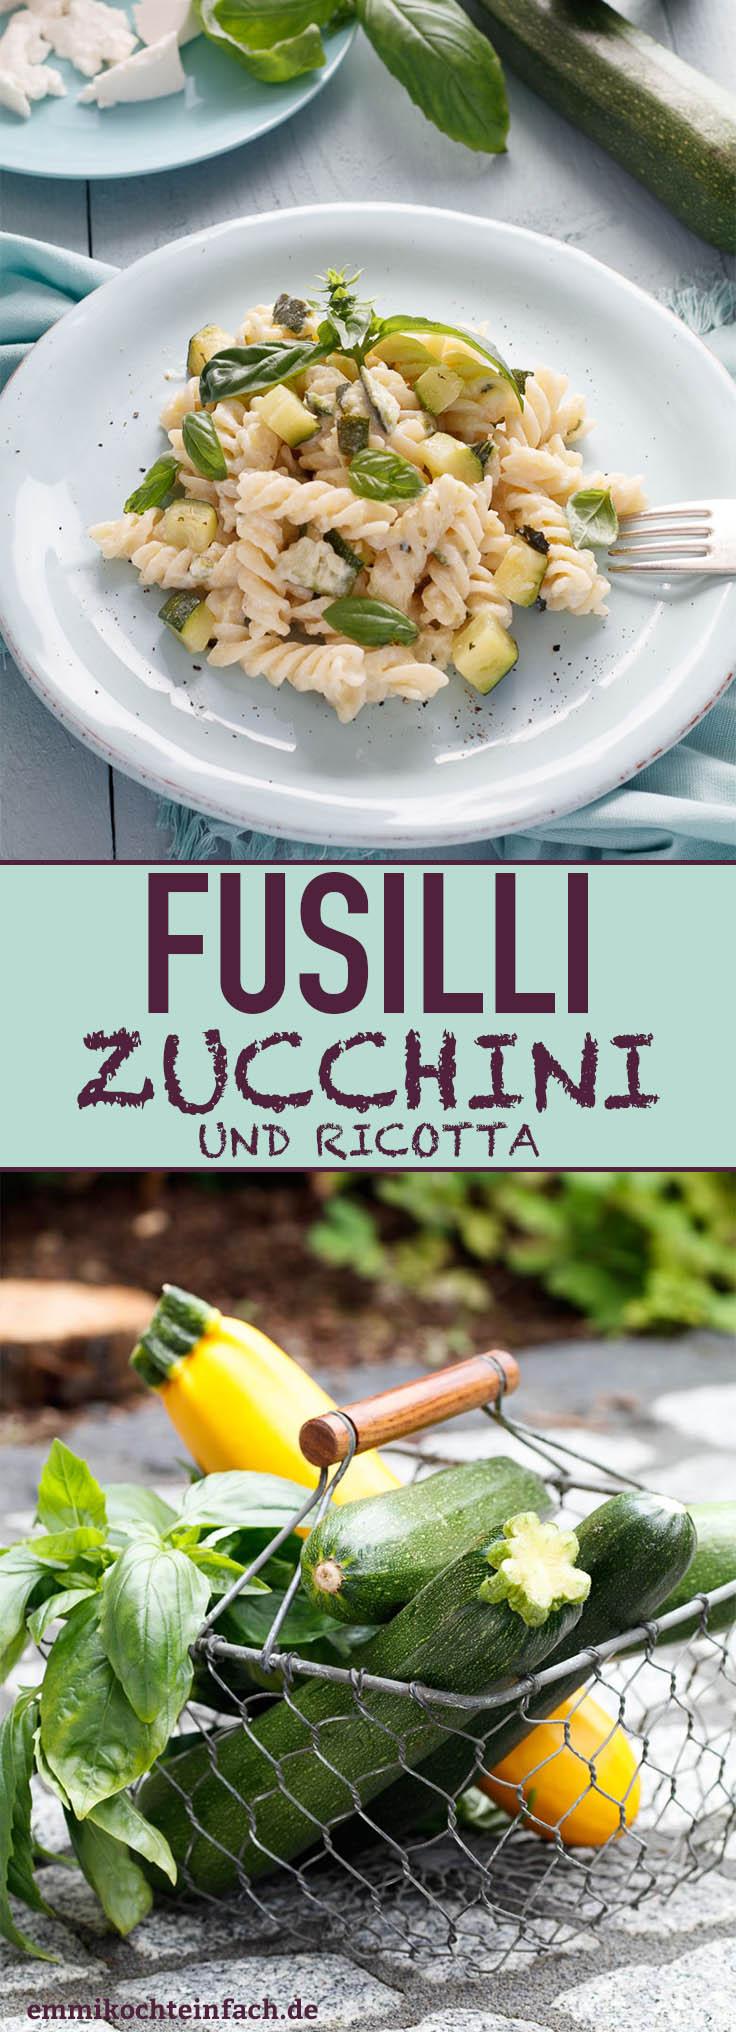 Fusilli mit Zucchini und Ricotta - www.emmikochteinfach.de